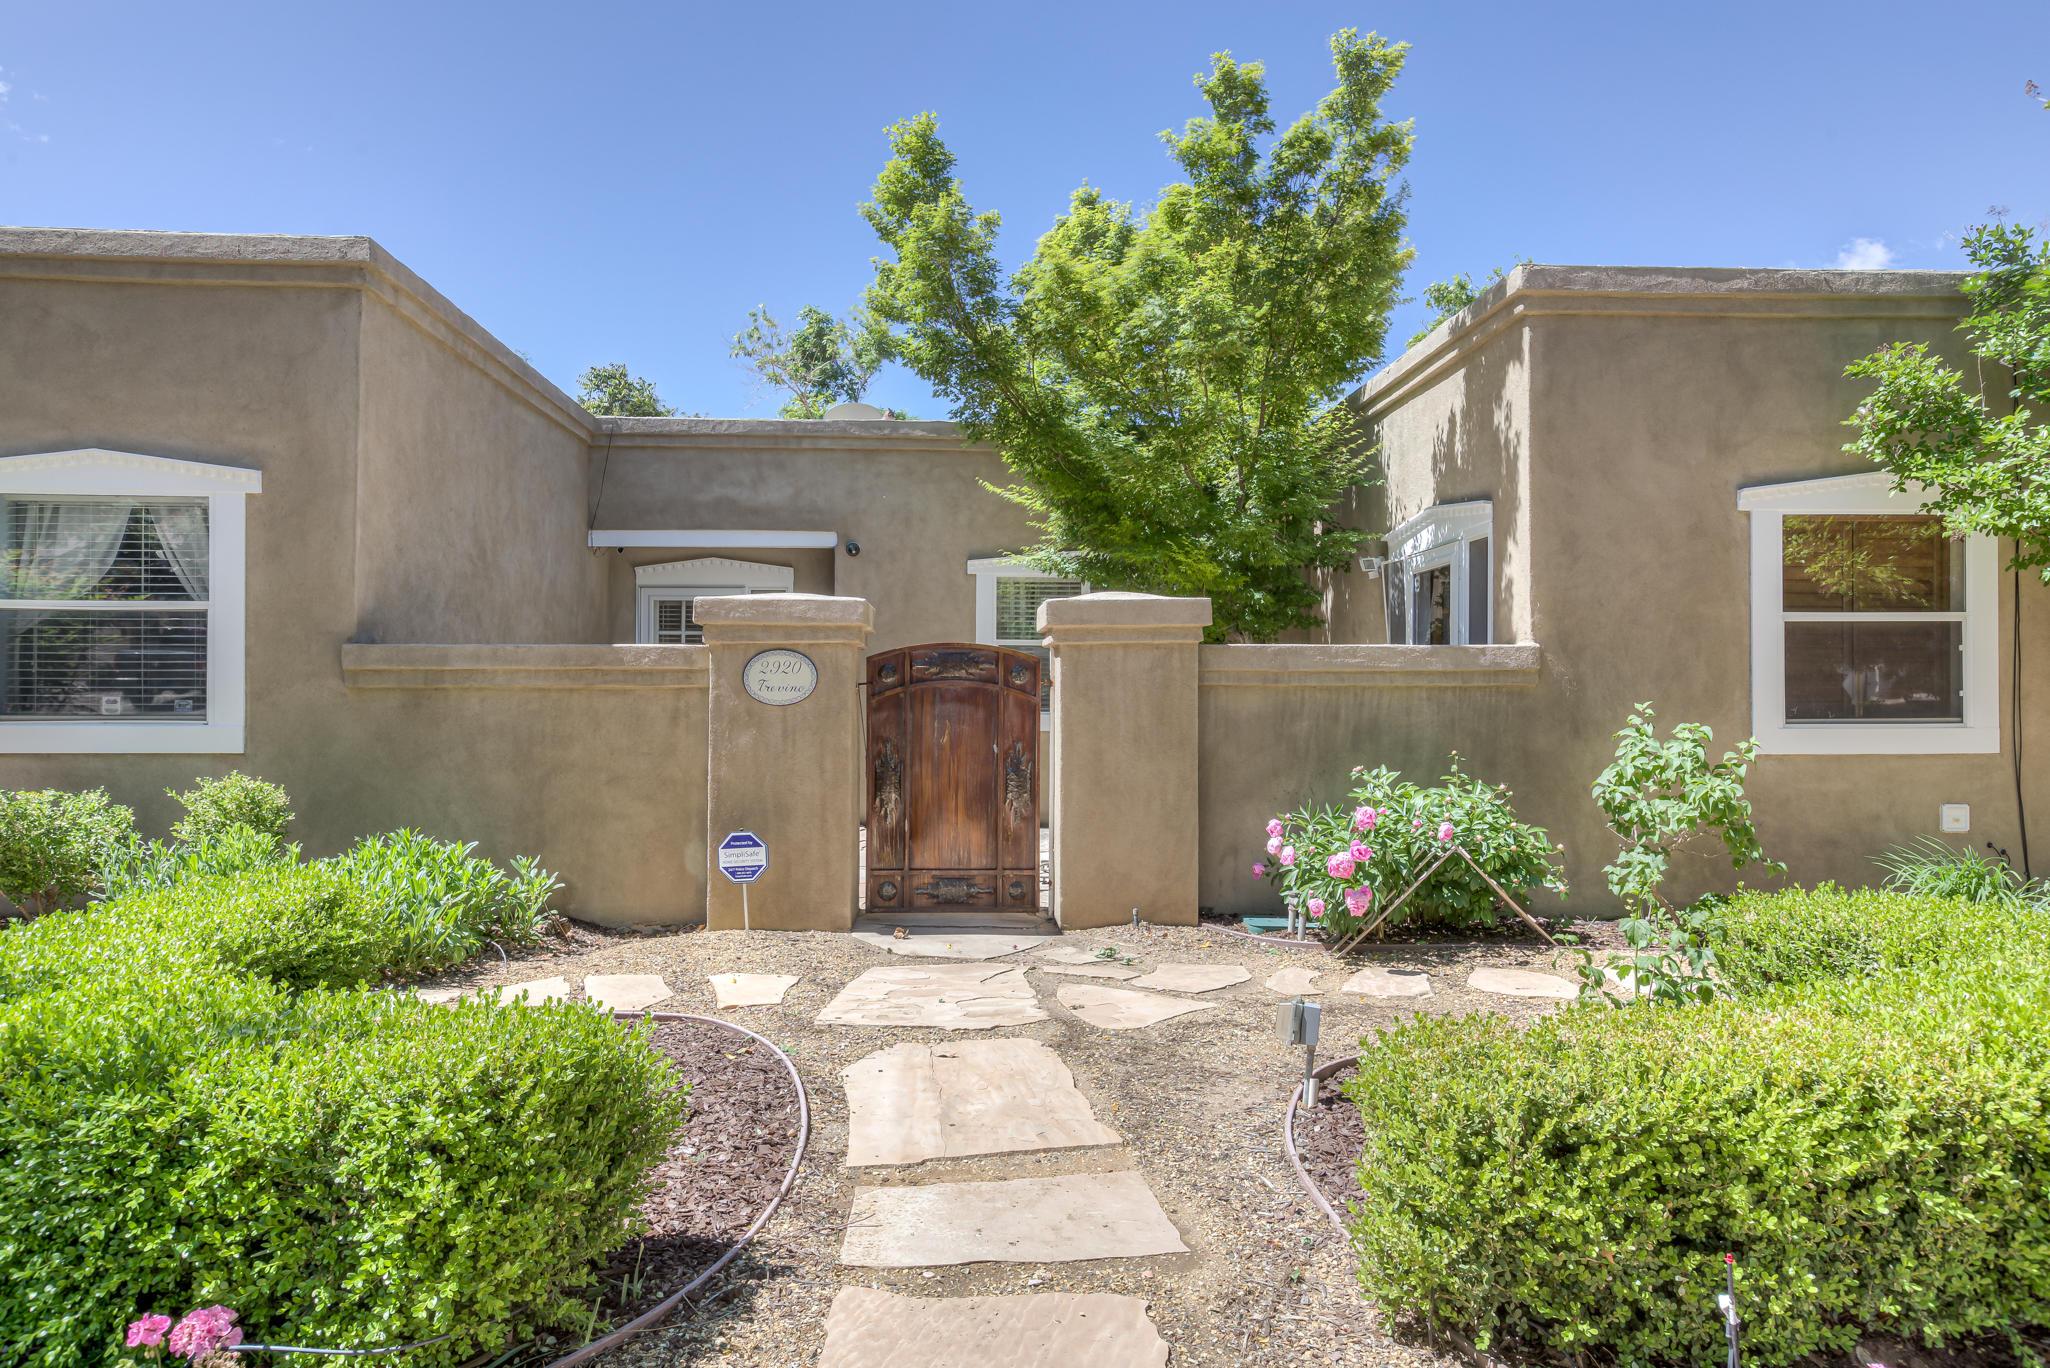 2920 SE Trevino Drive, Rio Rancho, New Mexico